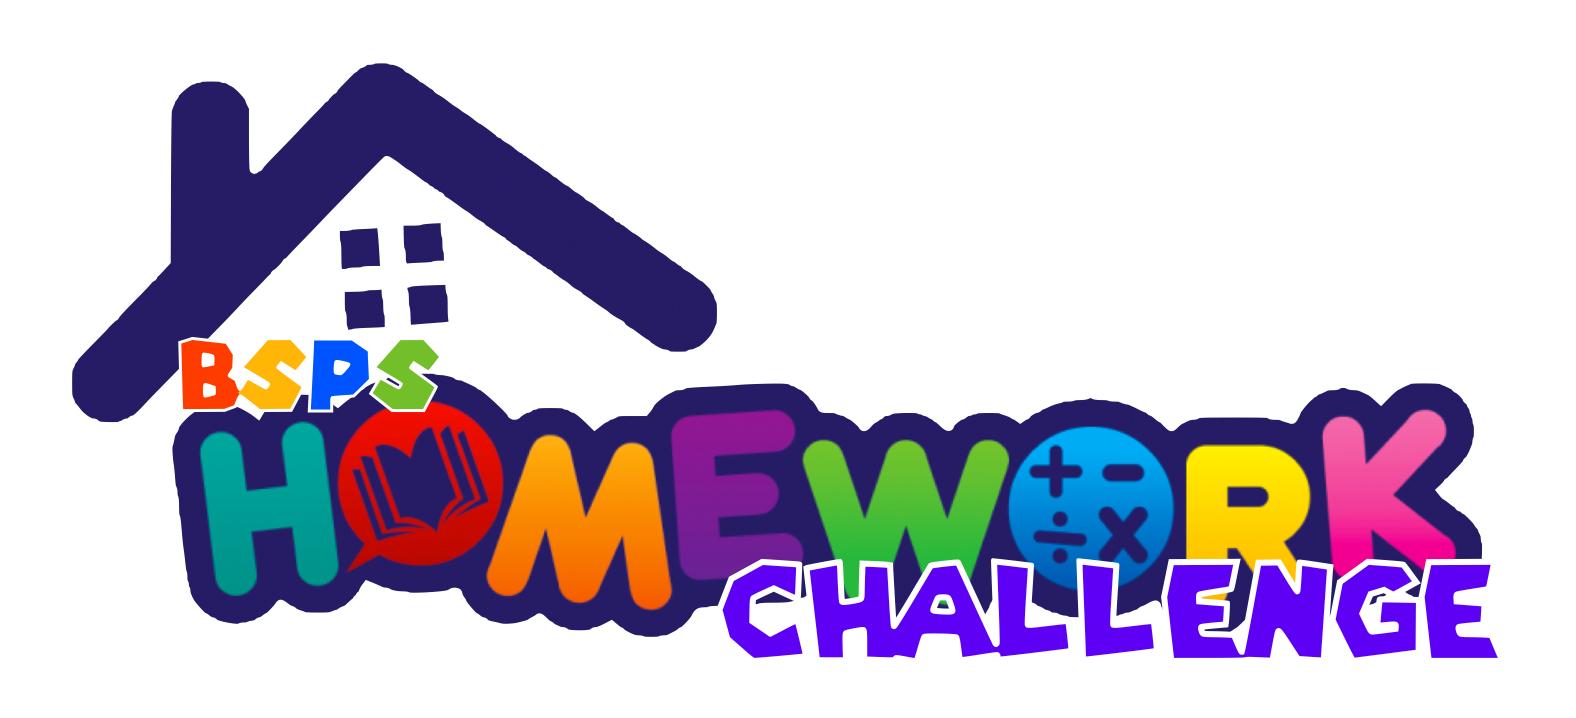 School homework clipart vector free download Homework vector free download